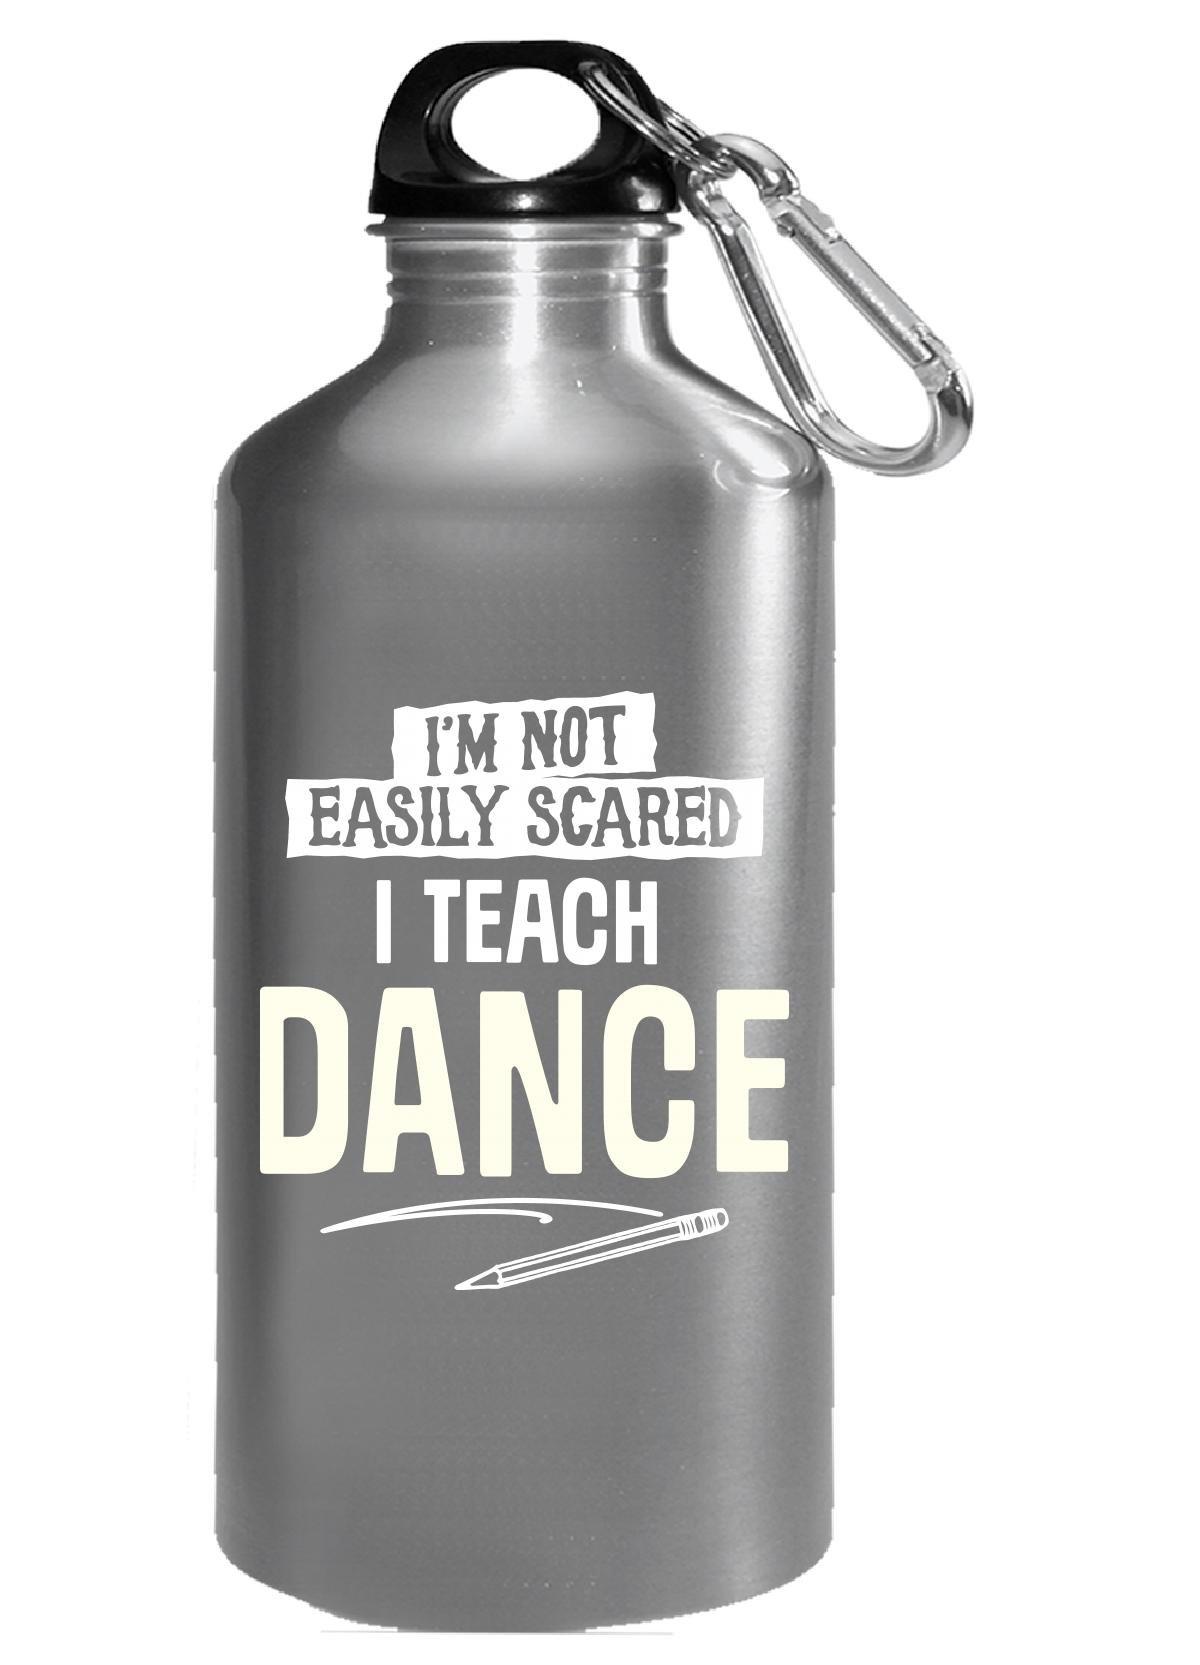 Funny Gift For Dance Teacher Not Scared - Water Bottle